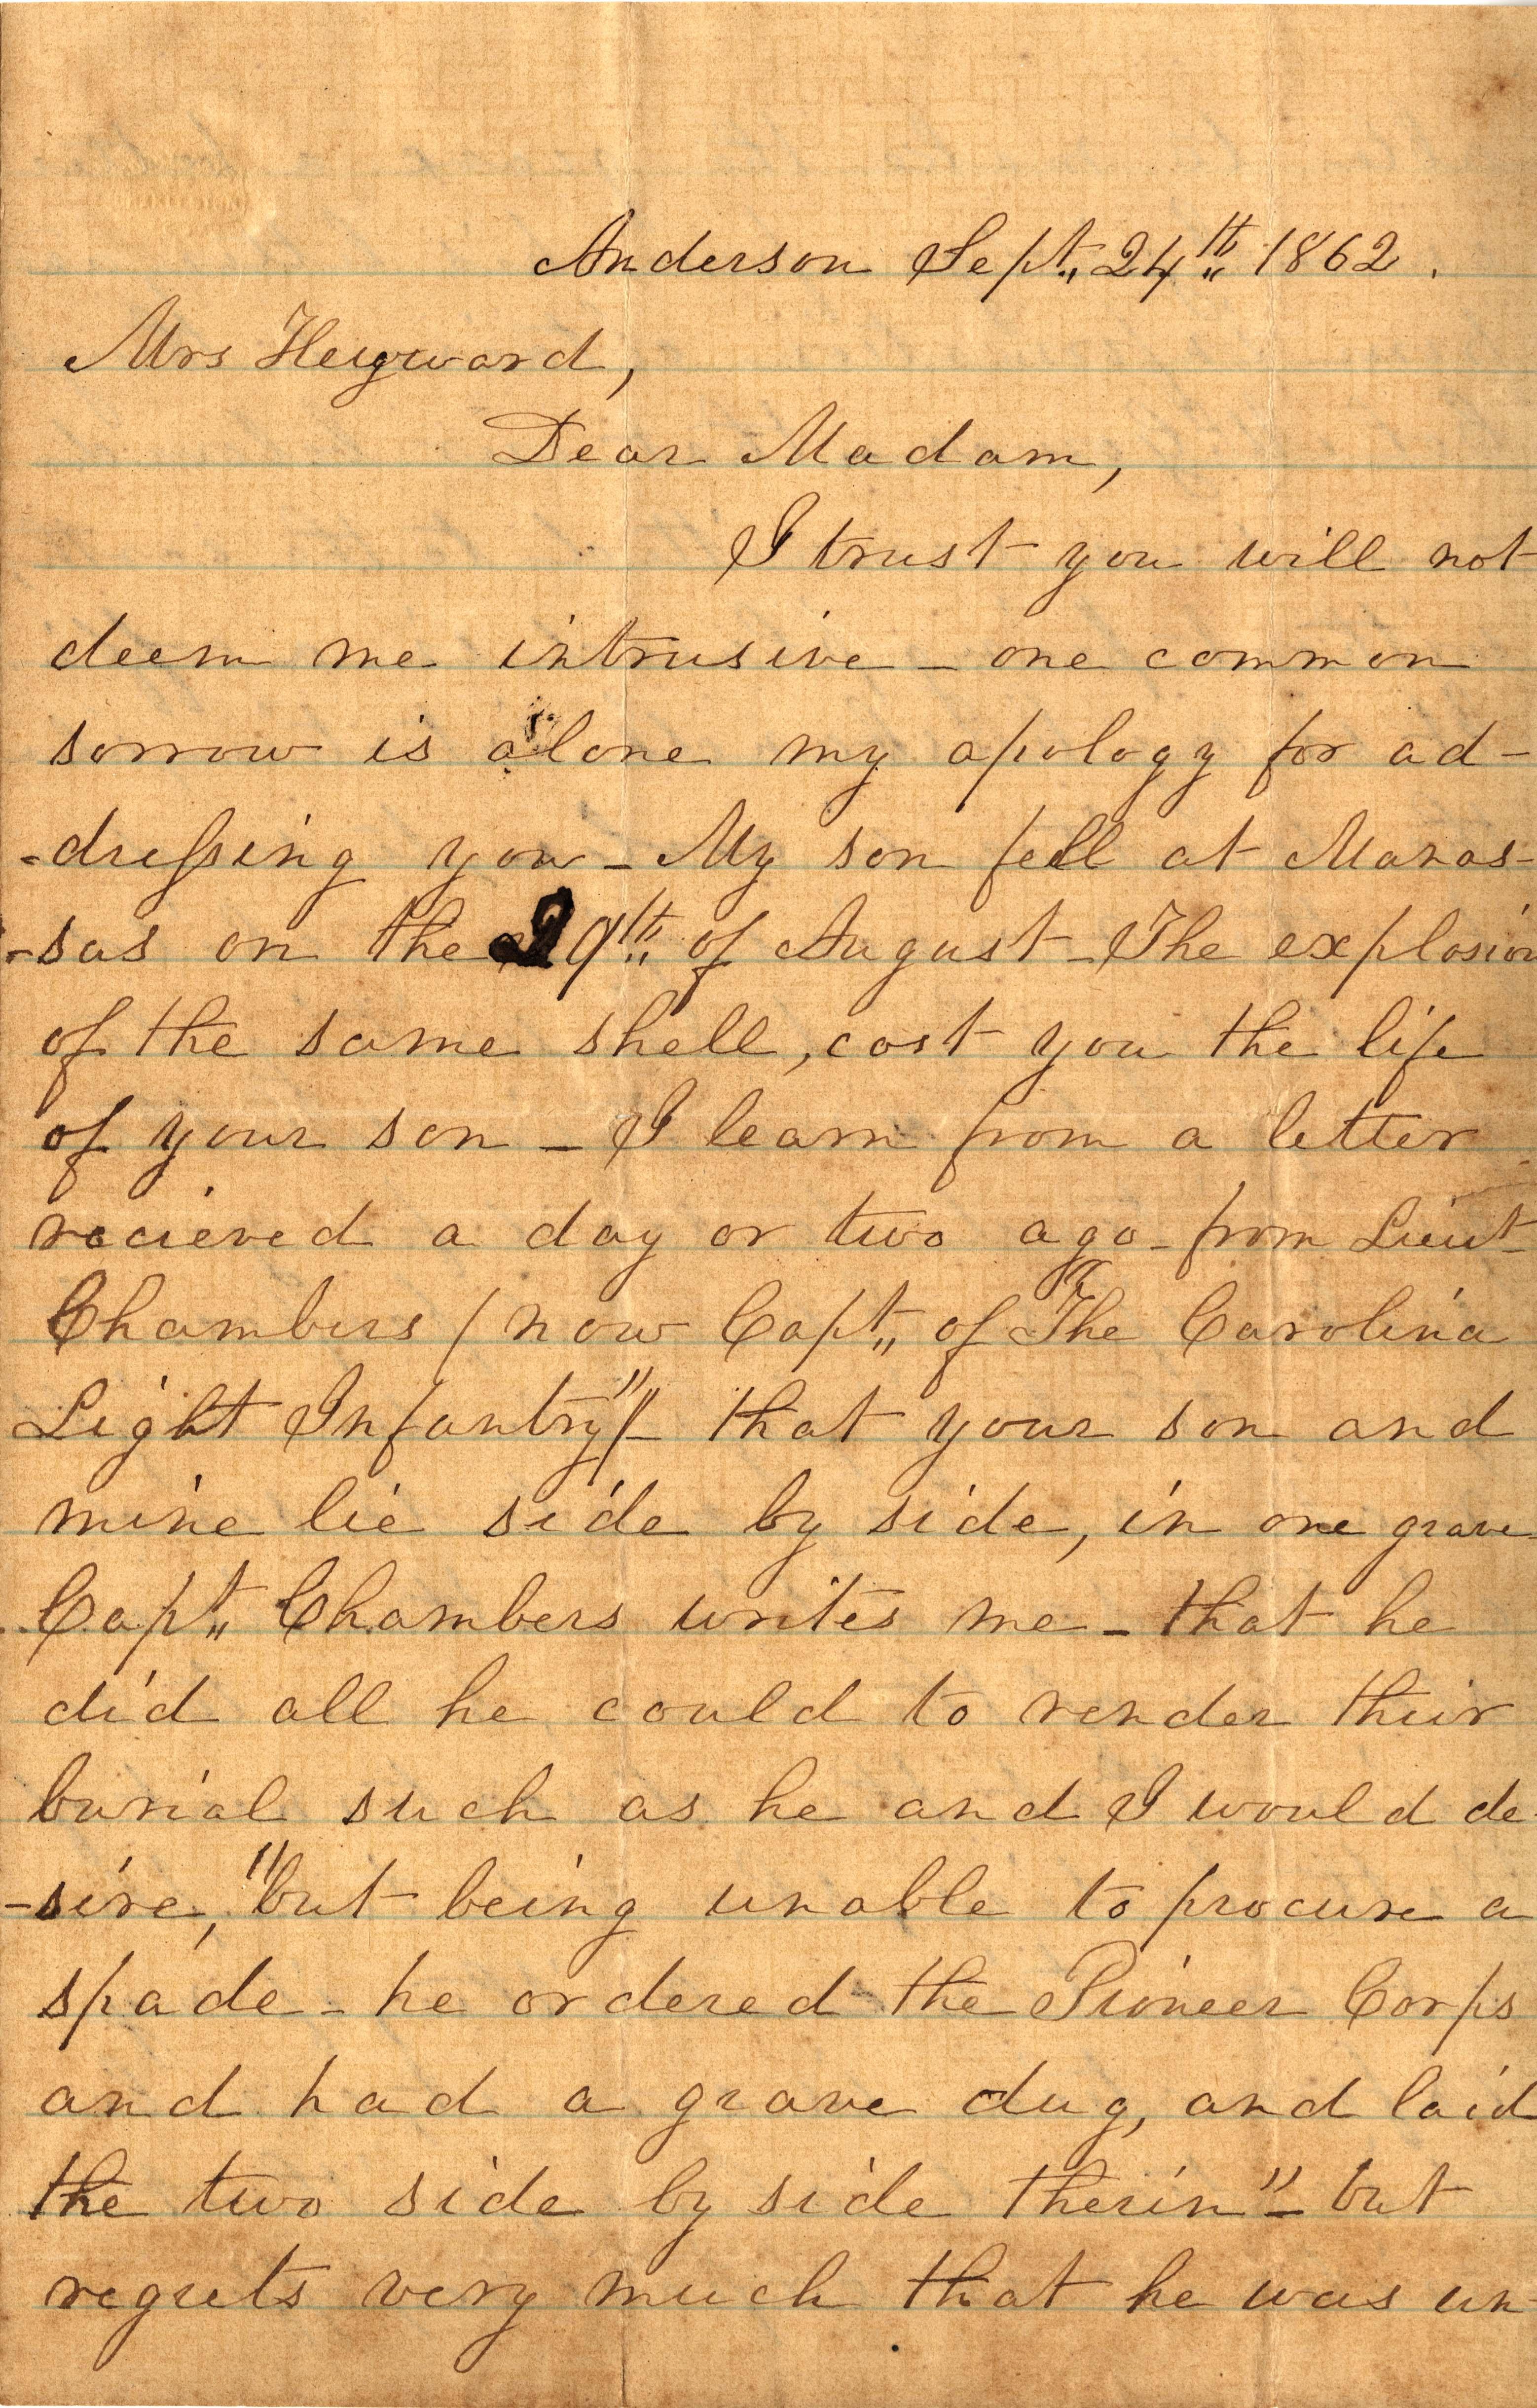 179. M. Munro to Maria Heyward -- September 24, 1862